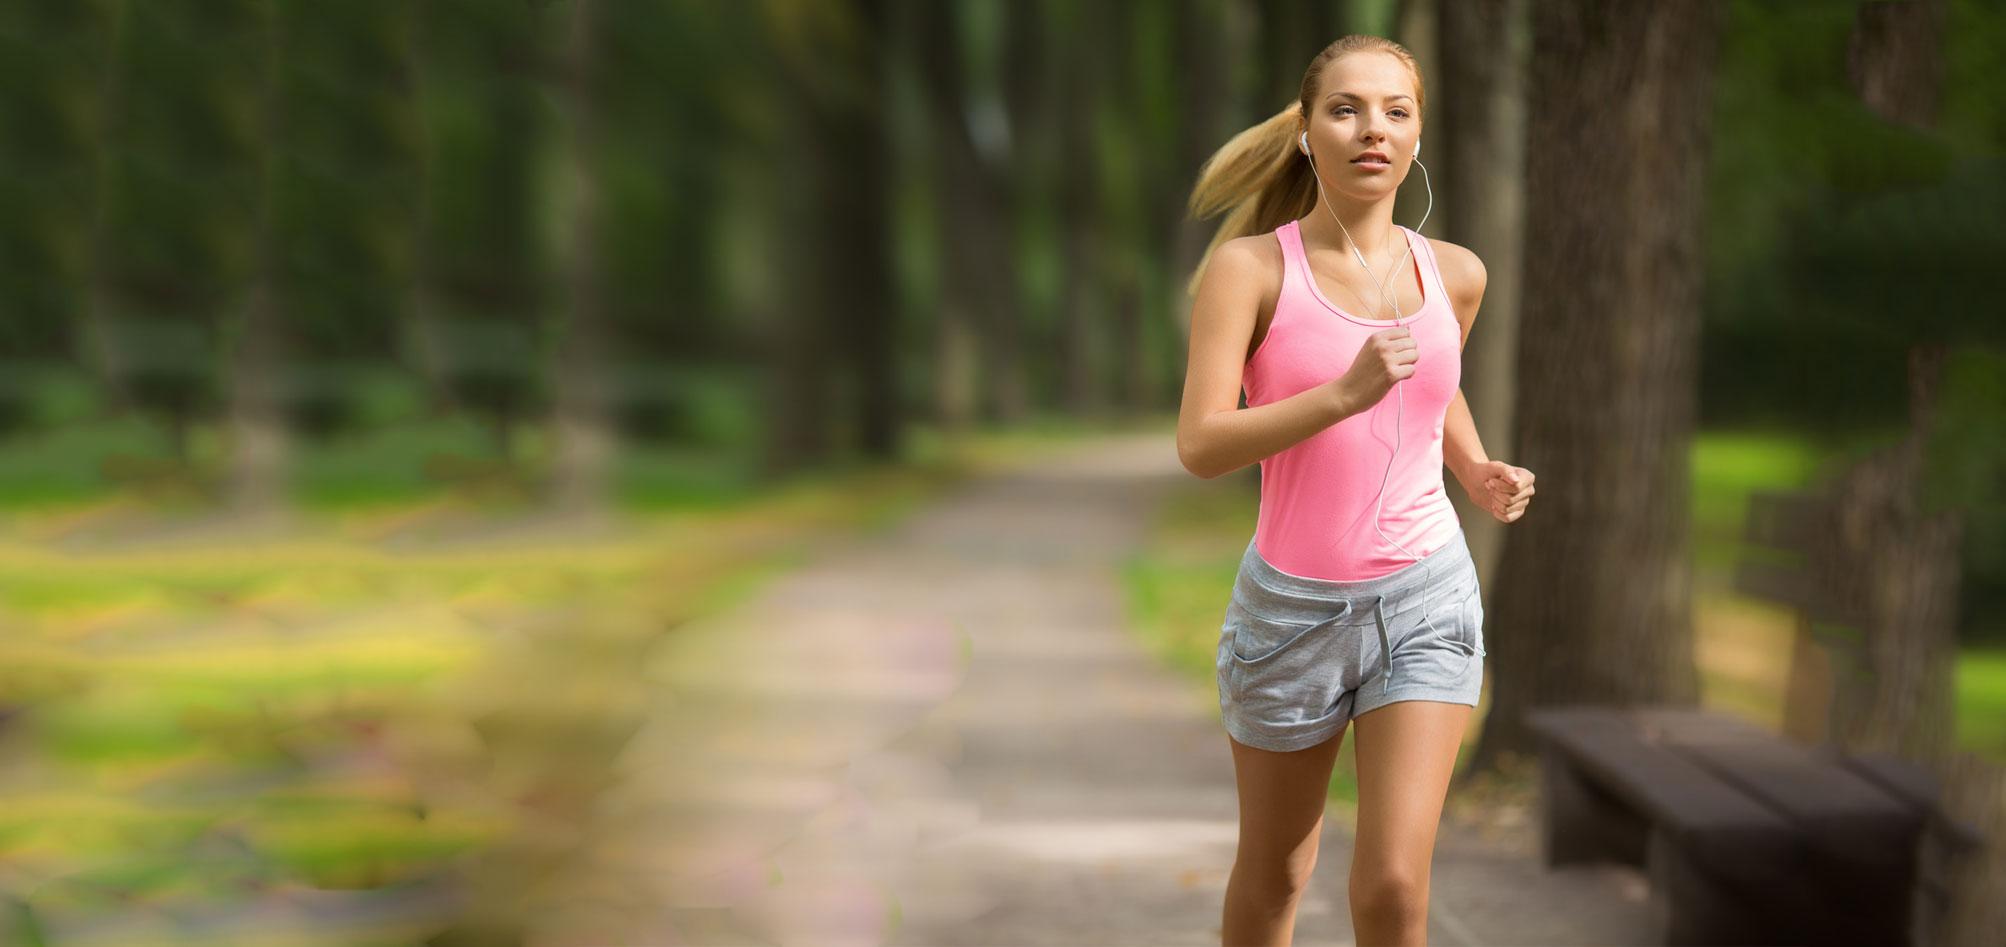 girl-running-forest